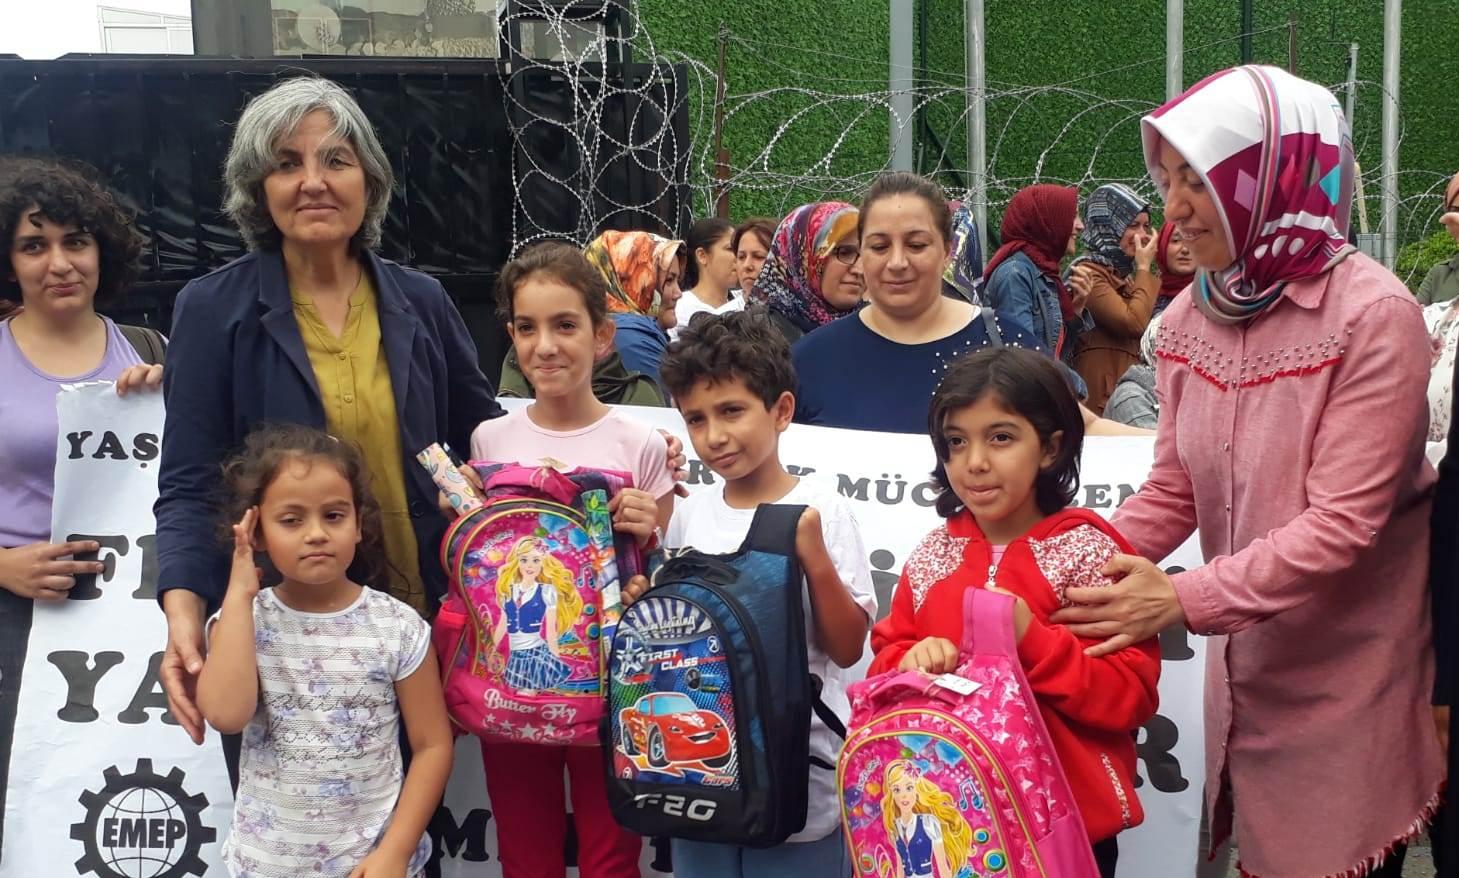 EMEP'in Flormar için başlattığı kampanya sona erdi